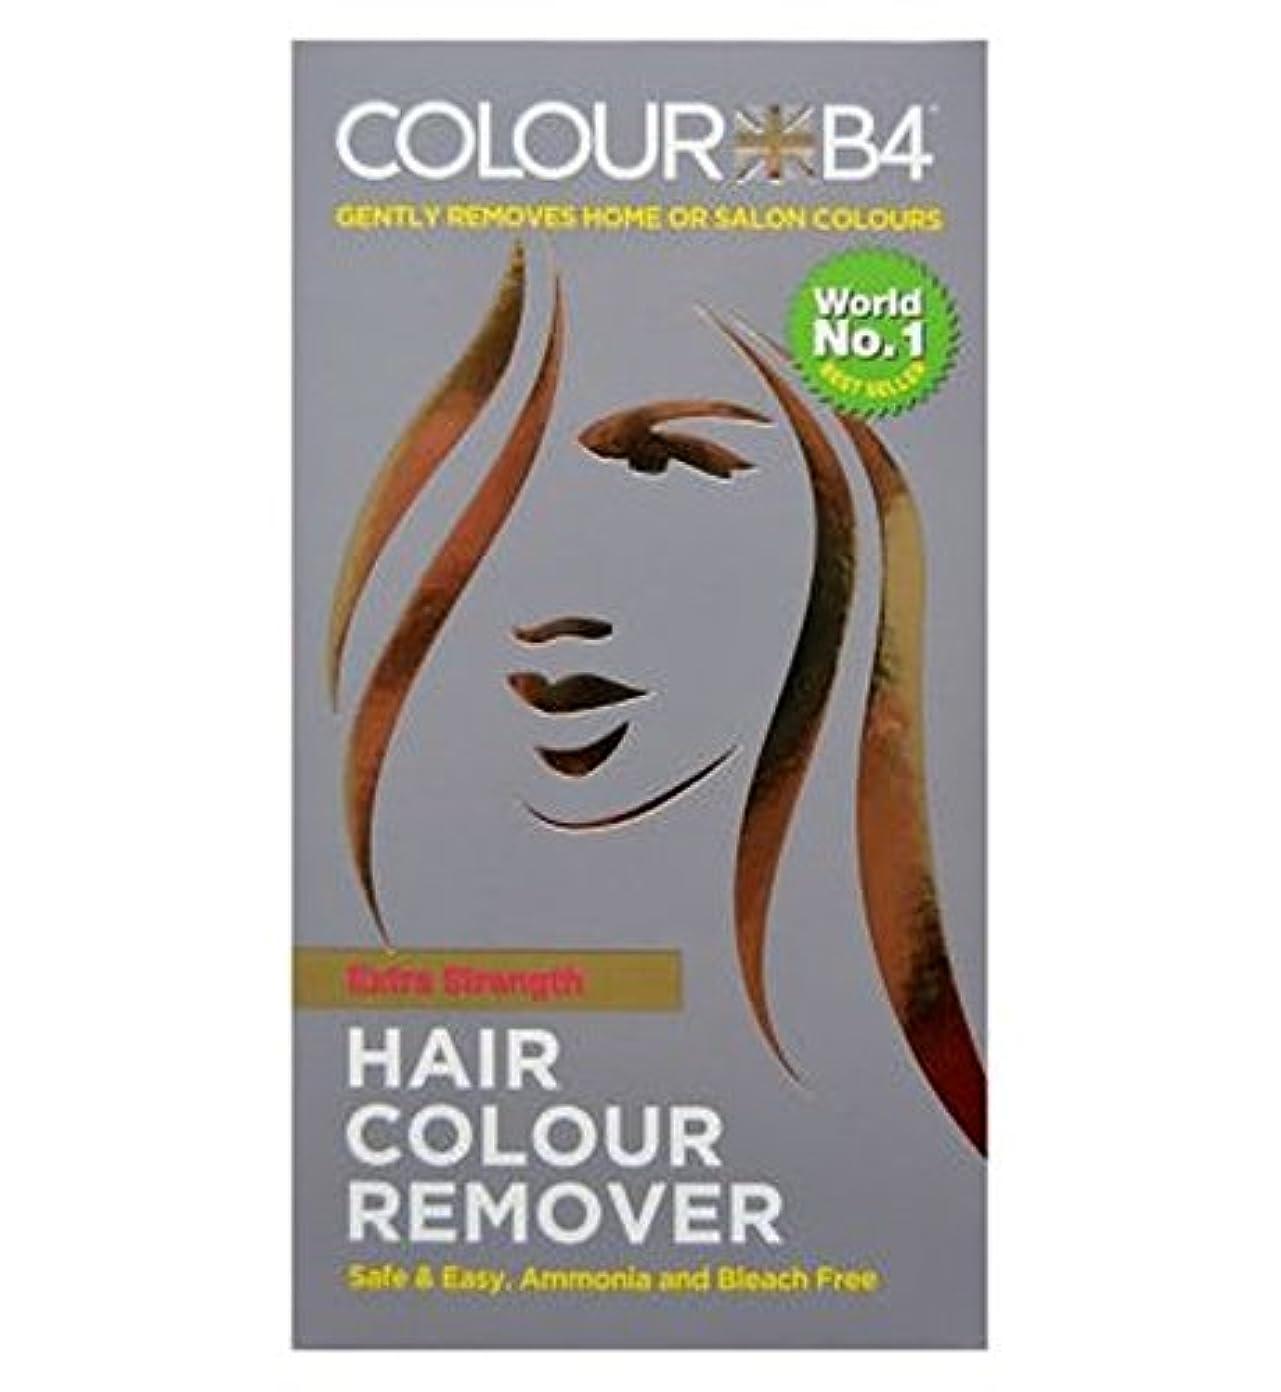 火星マイクロ南Colour B4. Hair colour remover extra strength - カラーB4。ヘアカラーリムーバー余分な強さ (ColourB4) [並行輸入品]